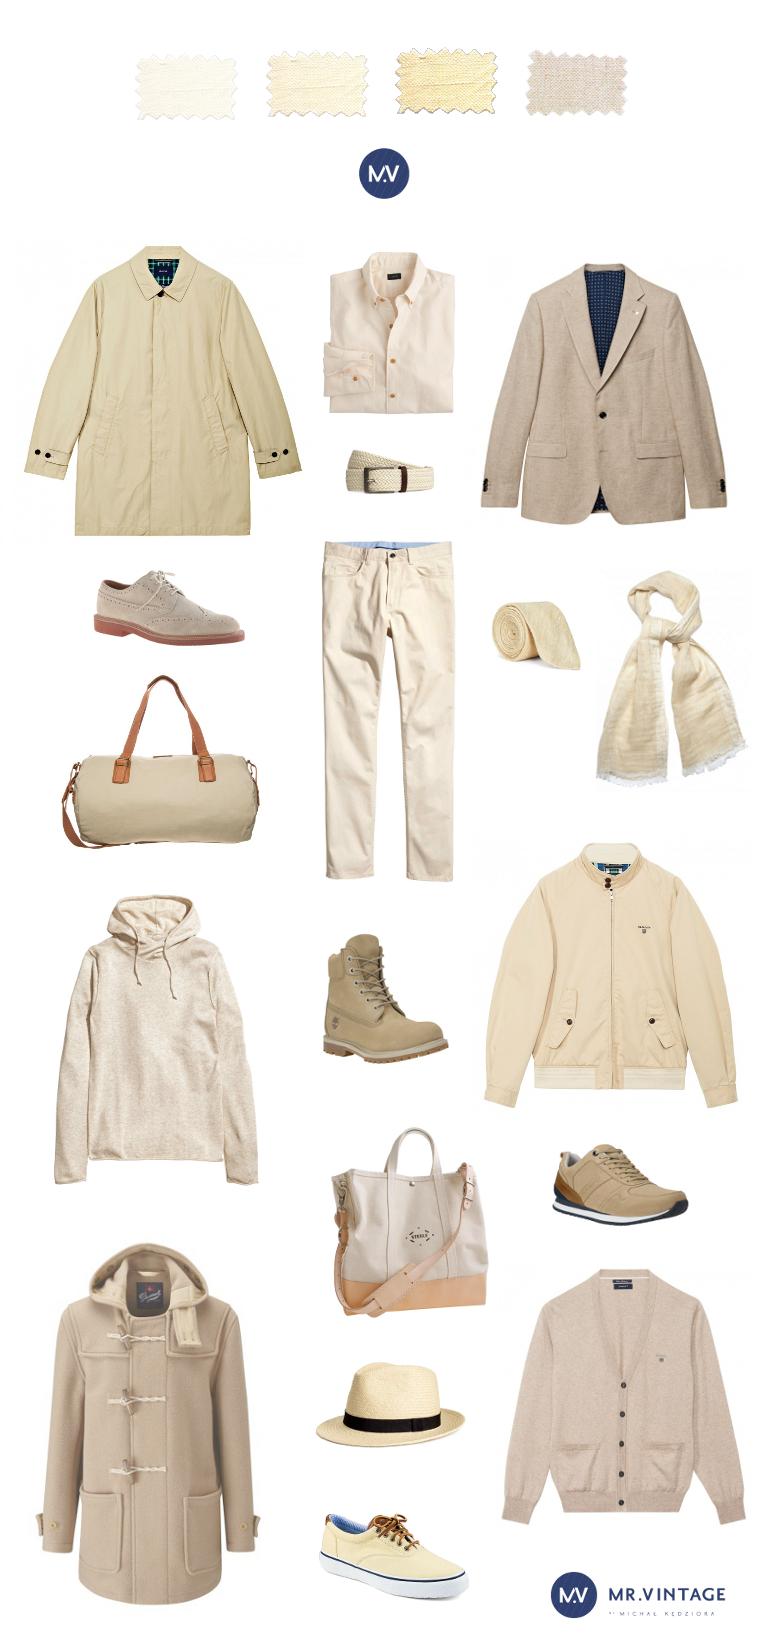 881287b7add23 Beżowy – najnudniejszy kolor mody męskiej? | Mr Vintage - rzeczowo o ...